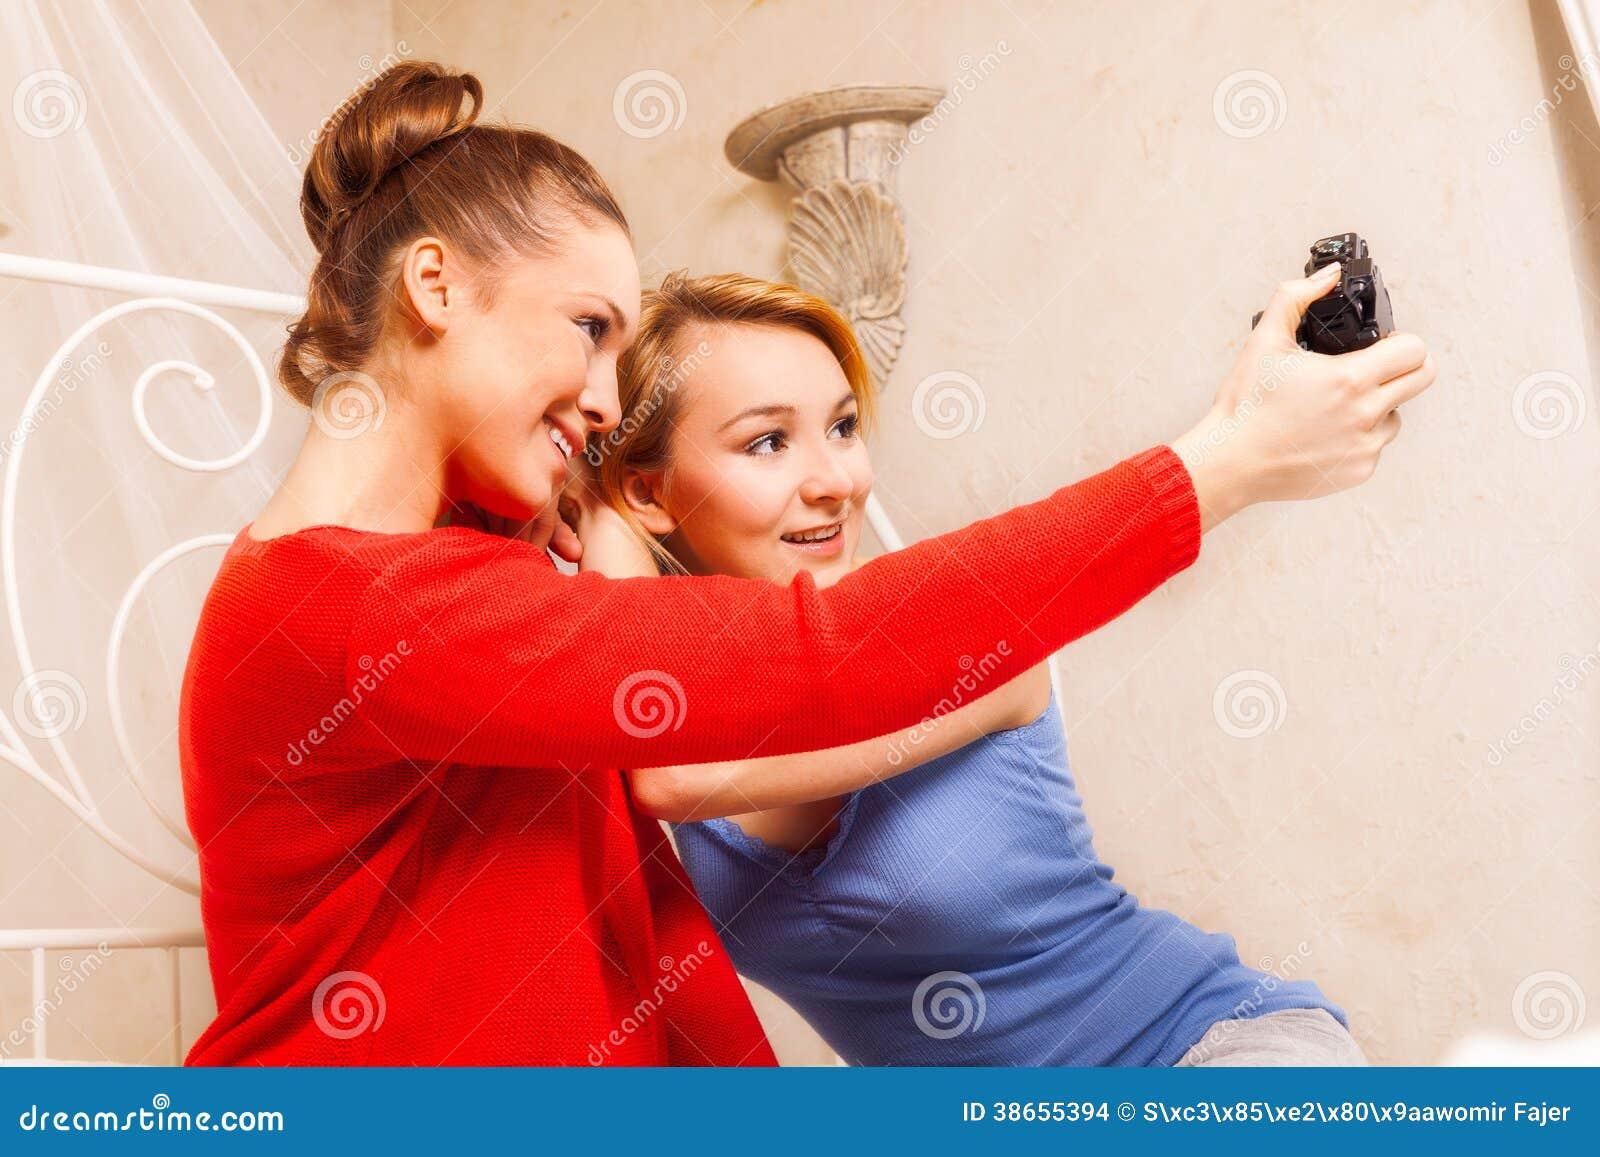 Deux filles se faisant photo